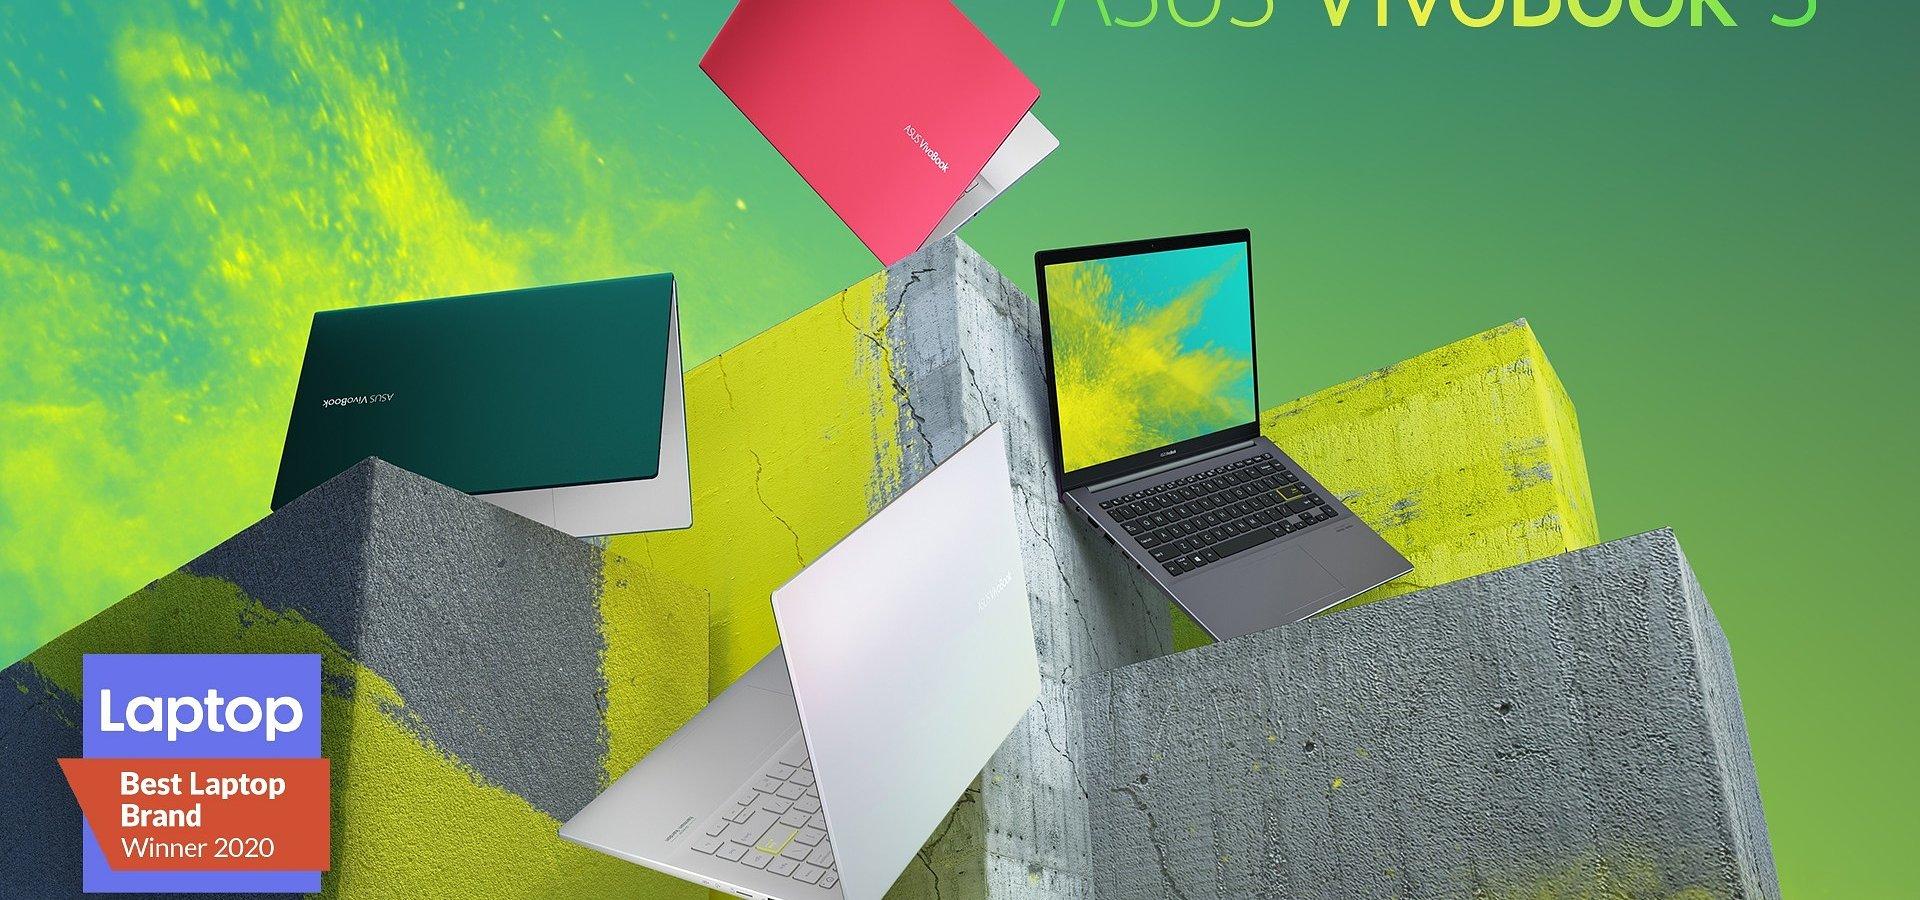 ASUS wyróżniony tytułem Najlepszej Marki Laptopów w 2020 roku przez Laptop Mag